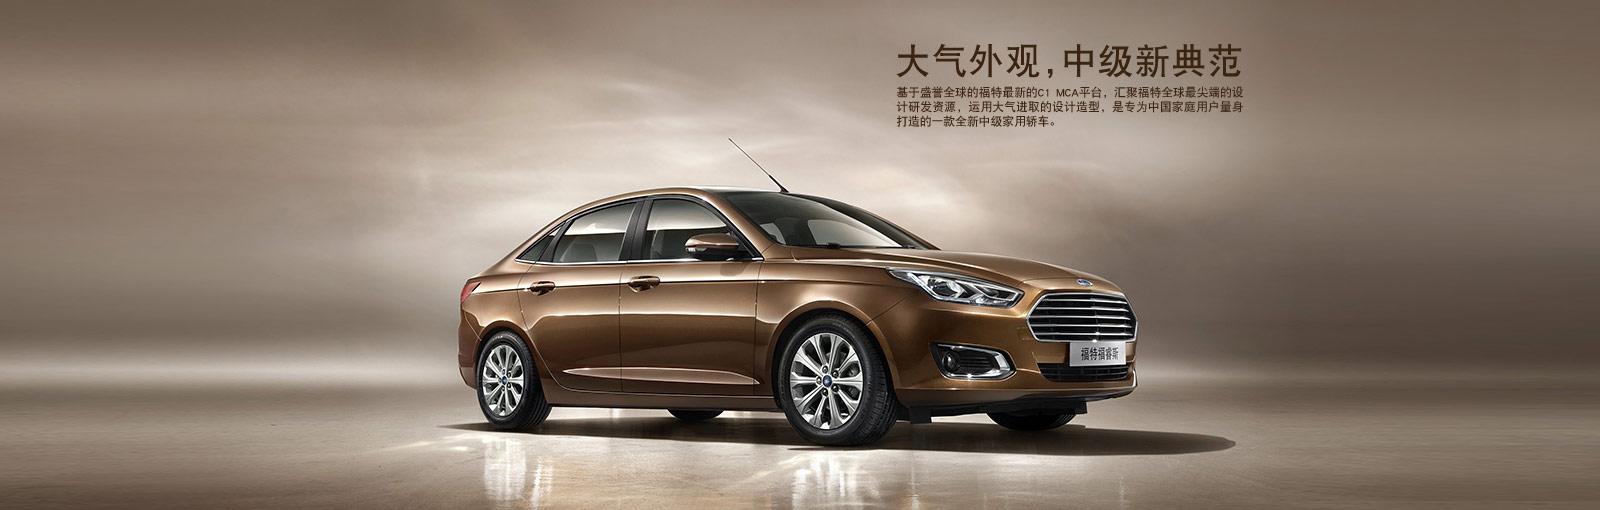 2016福睿斯改款车型